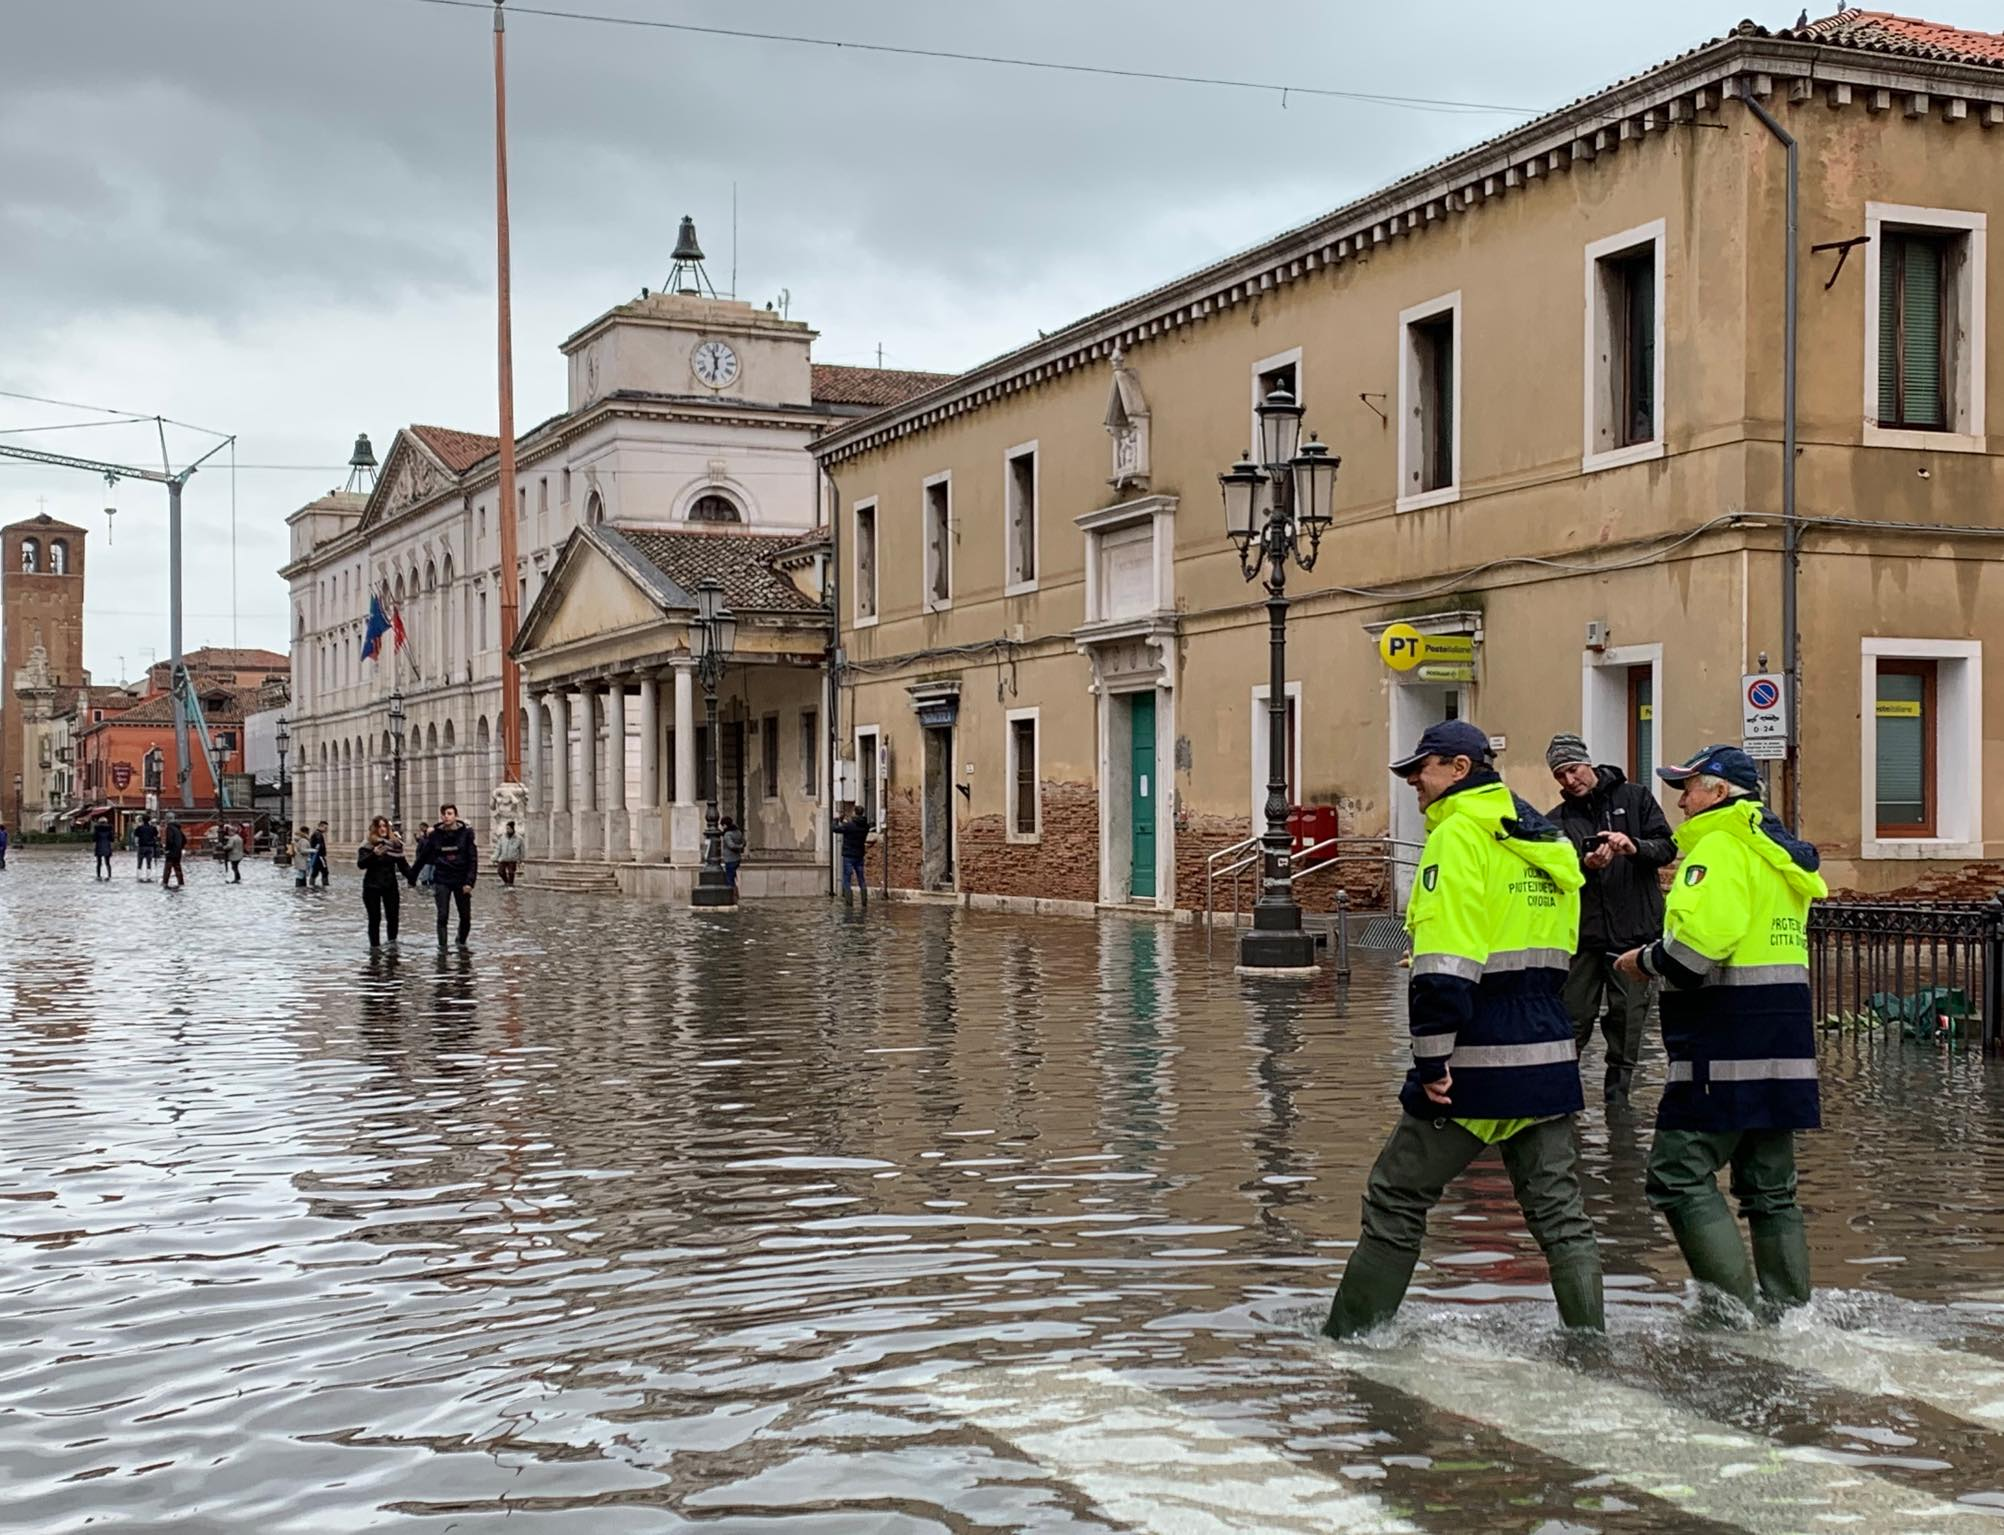 Danni da acqua alta, il Comune di Chioggia apre un conto corrente per le donazioni